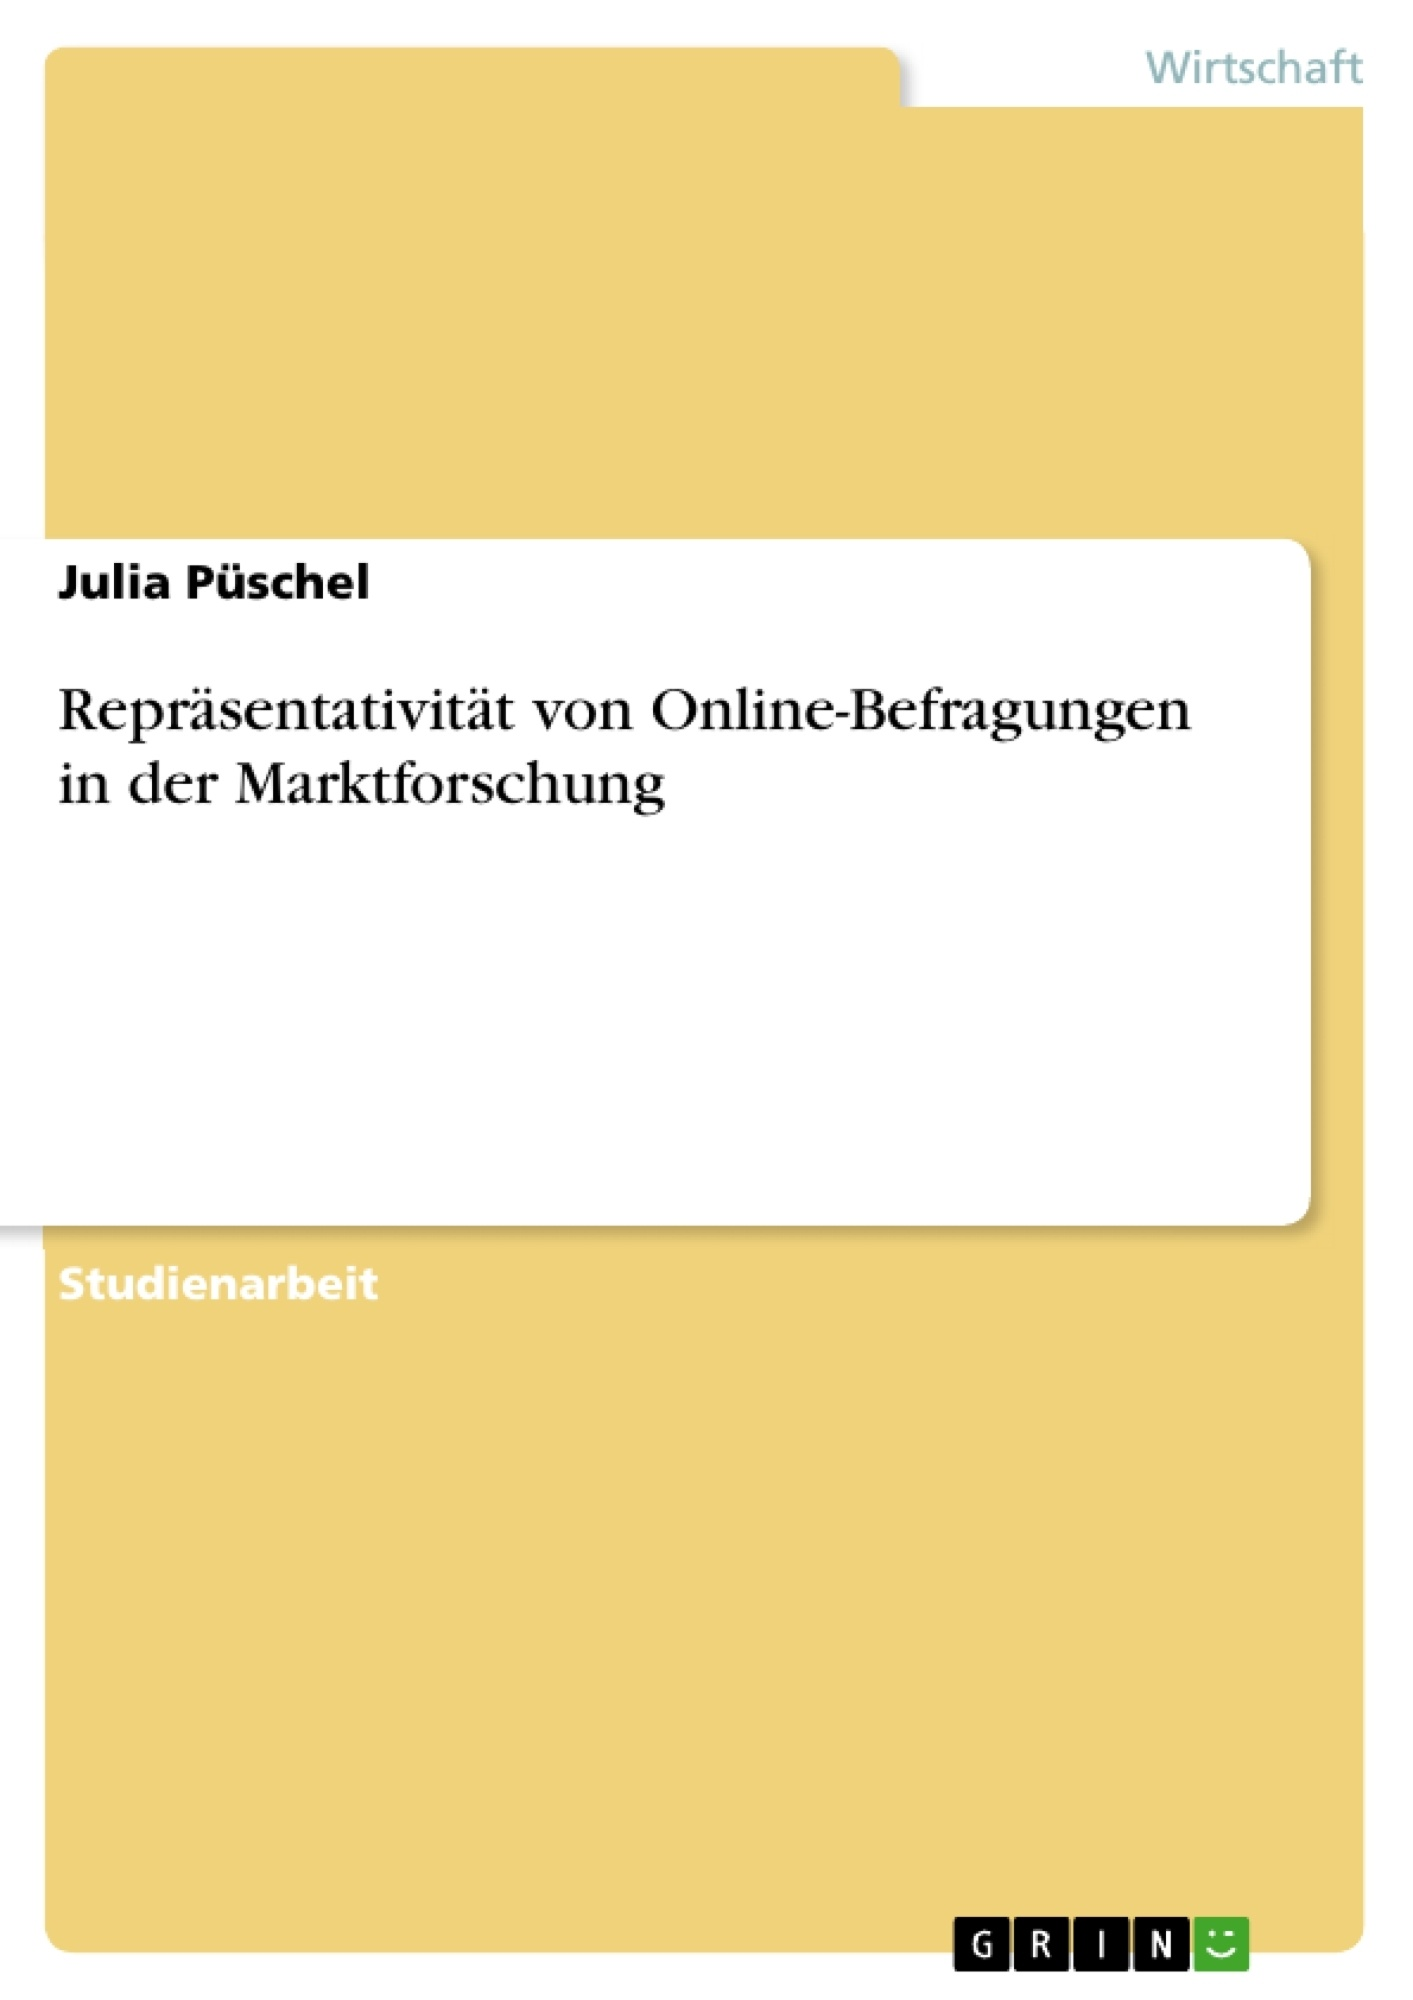 Titel: Repräsentativität von Online-Befragungen in der Marktforschung